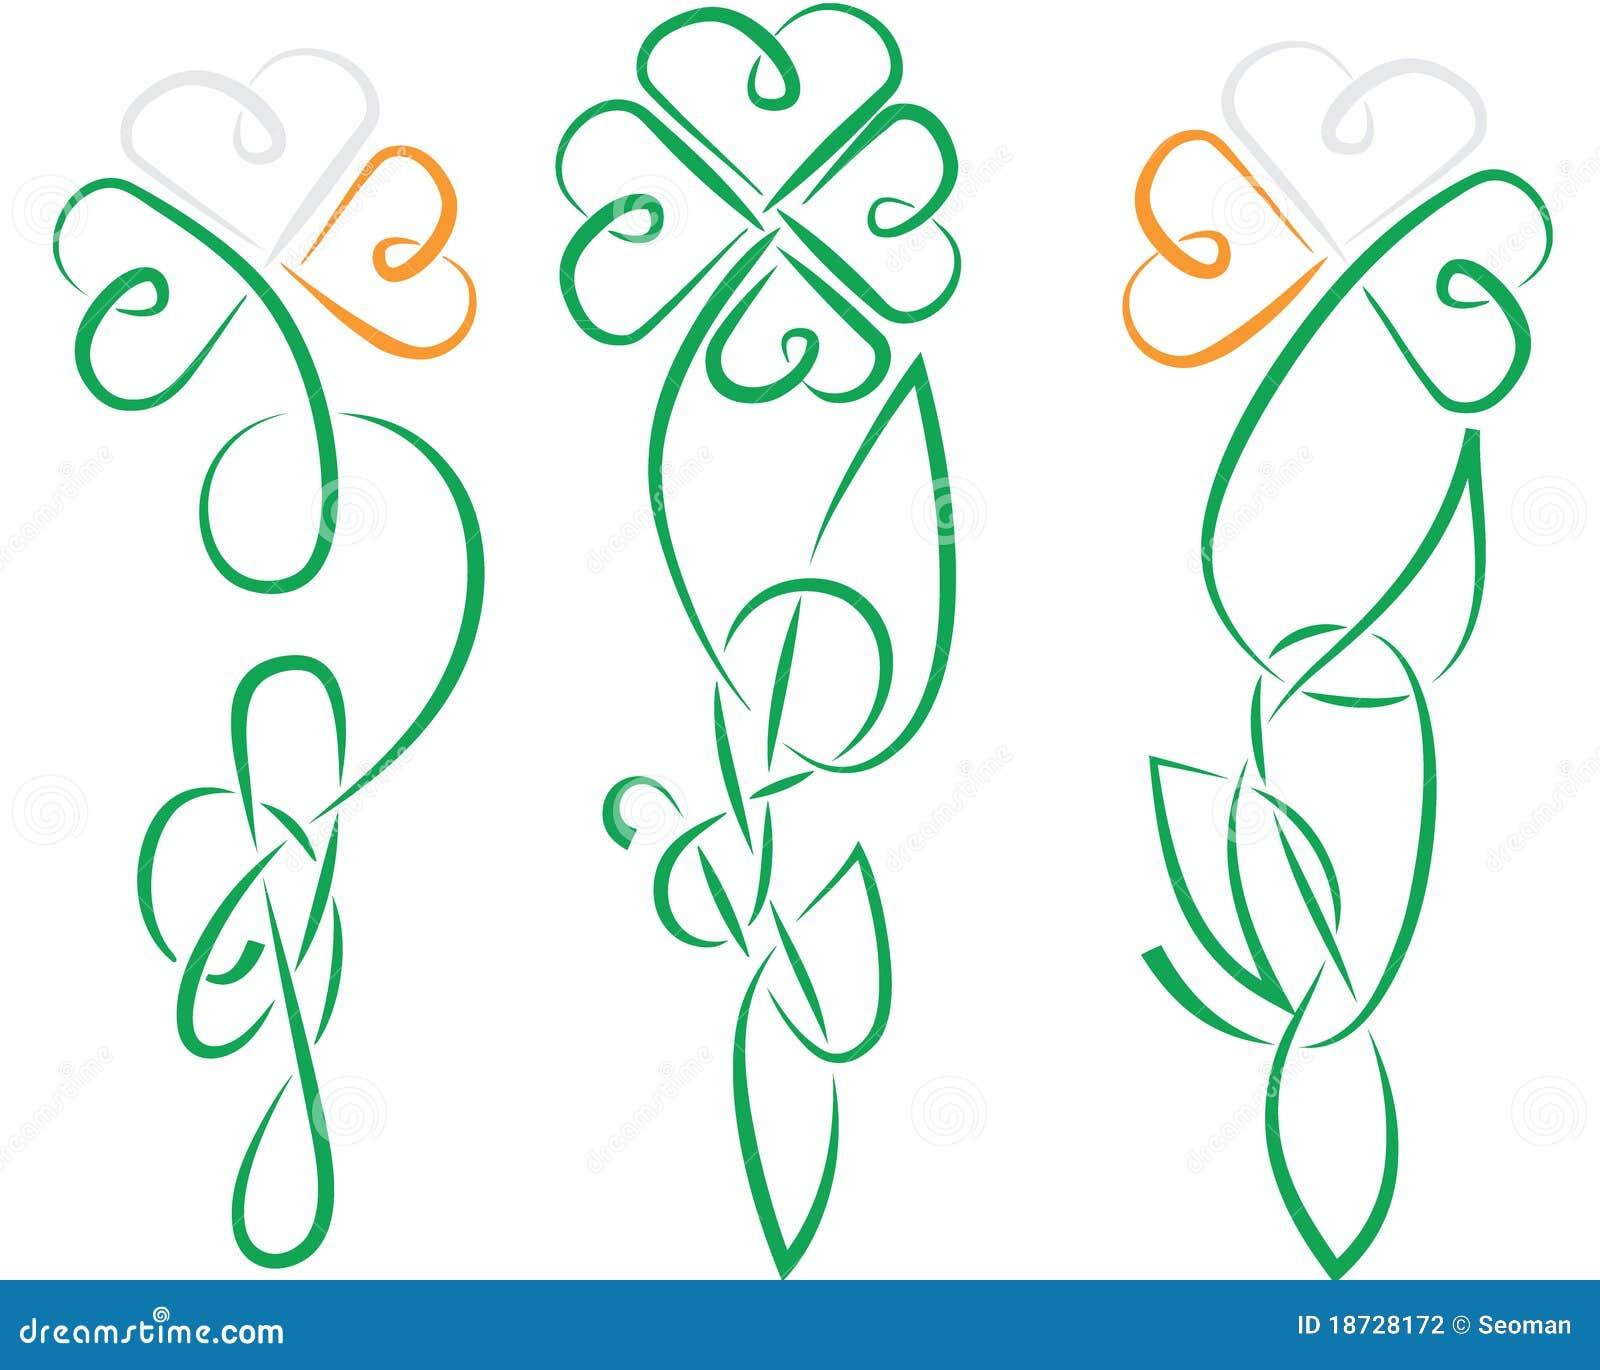 Celtic Cross With Shamrock Shamrock celtic ireland knot